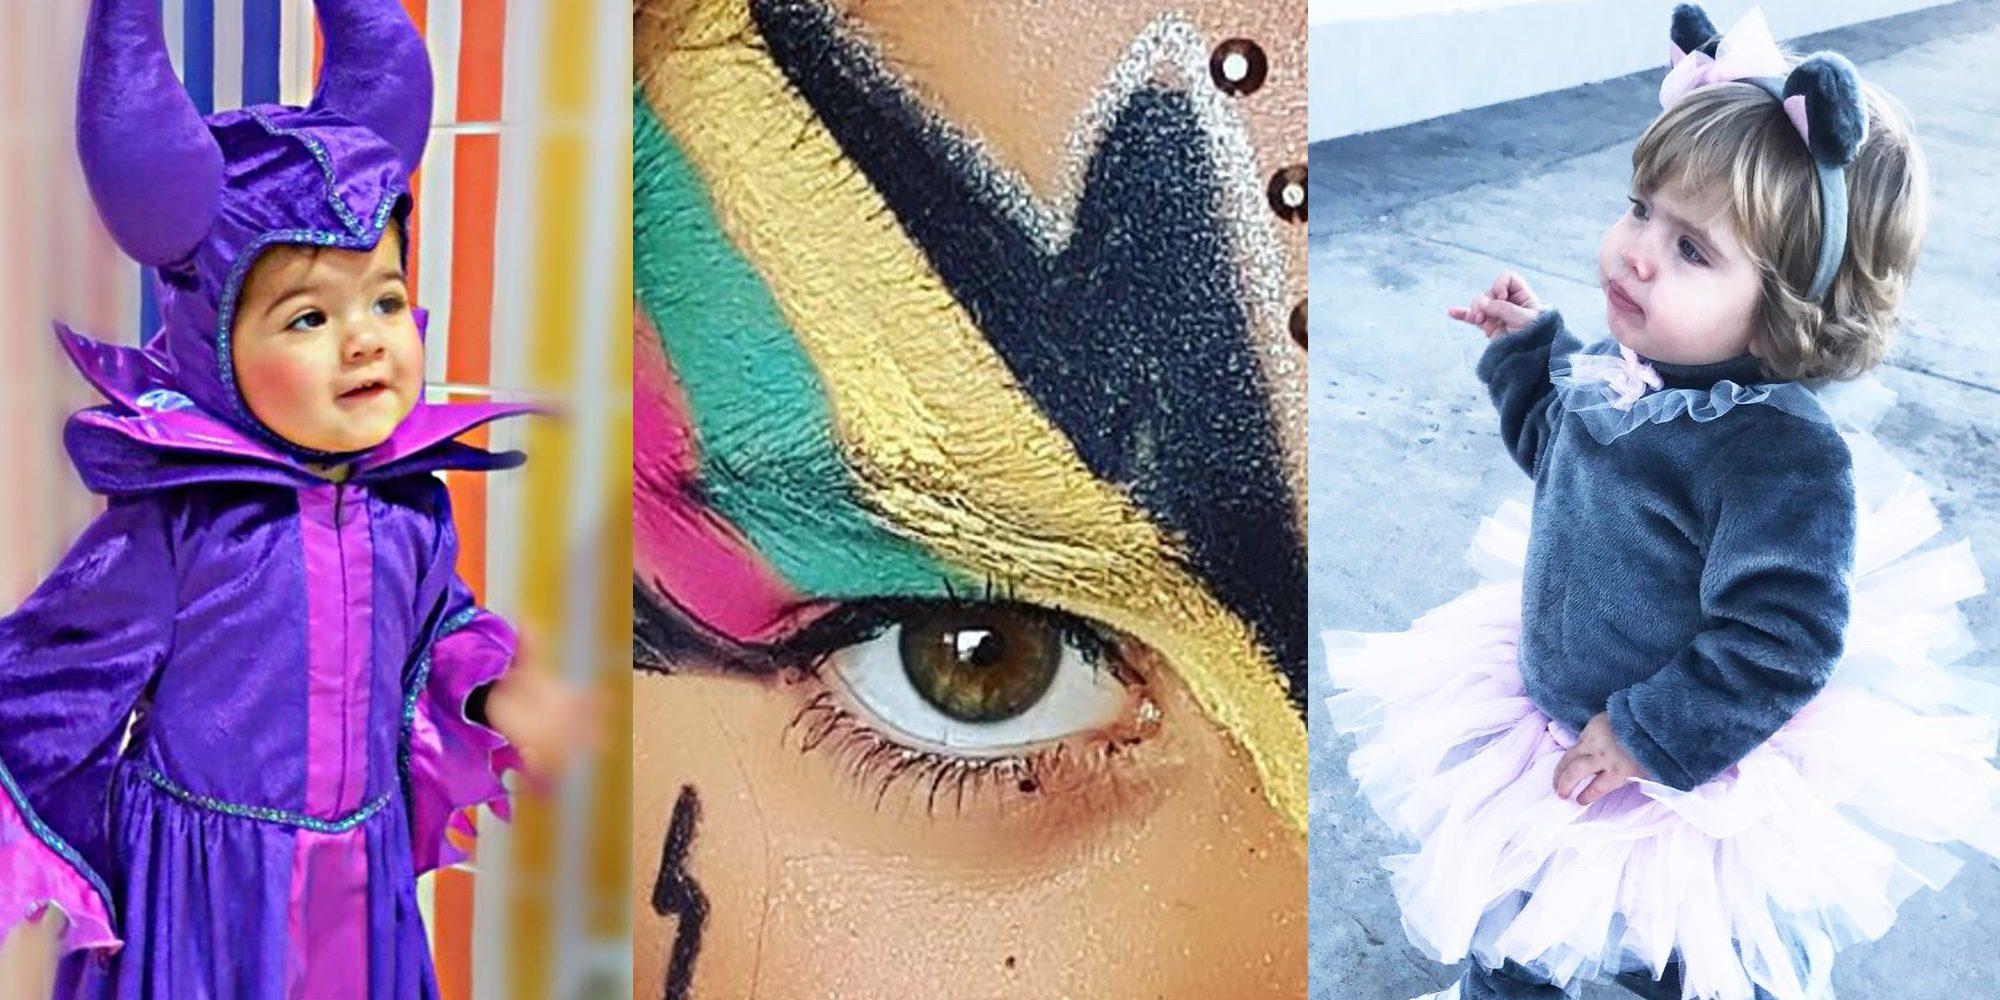 Tamara Gorro, Colate o Paula Echevarría y sus retoños: así les han disfrazado para Carnaval